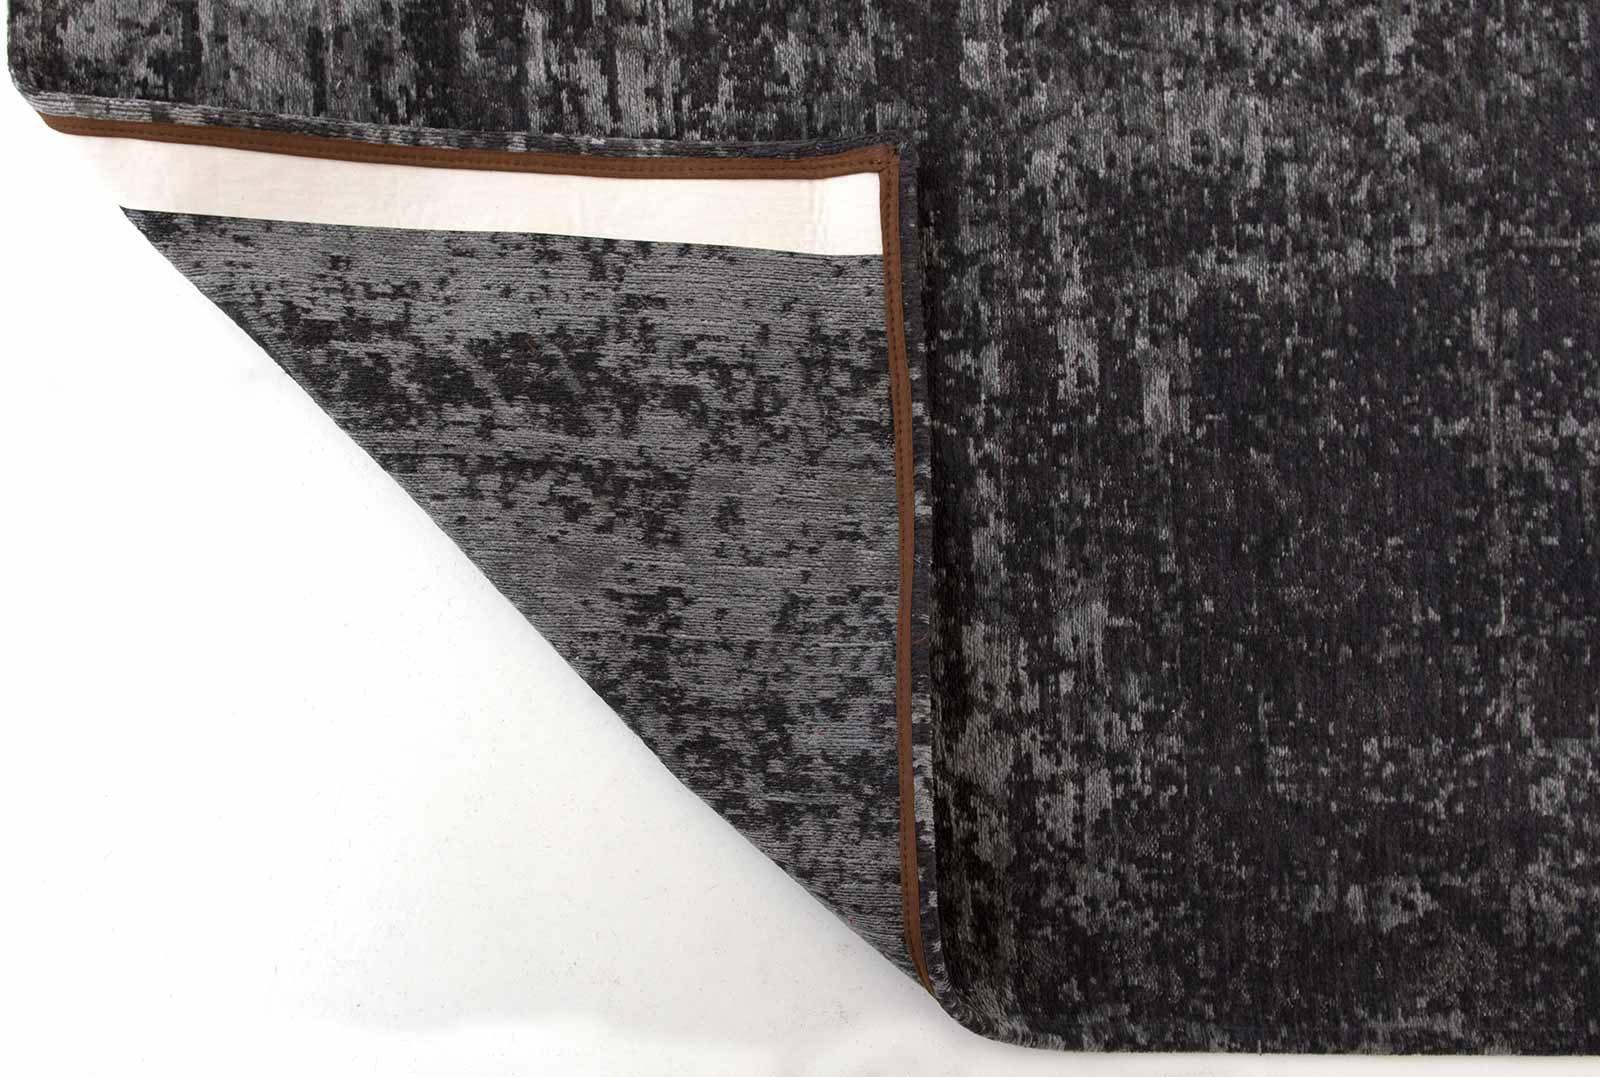 rugs Louis De Poortere LX8425 Mad Men Jacobs Ladder Harlem Contrast back